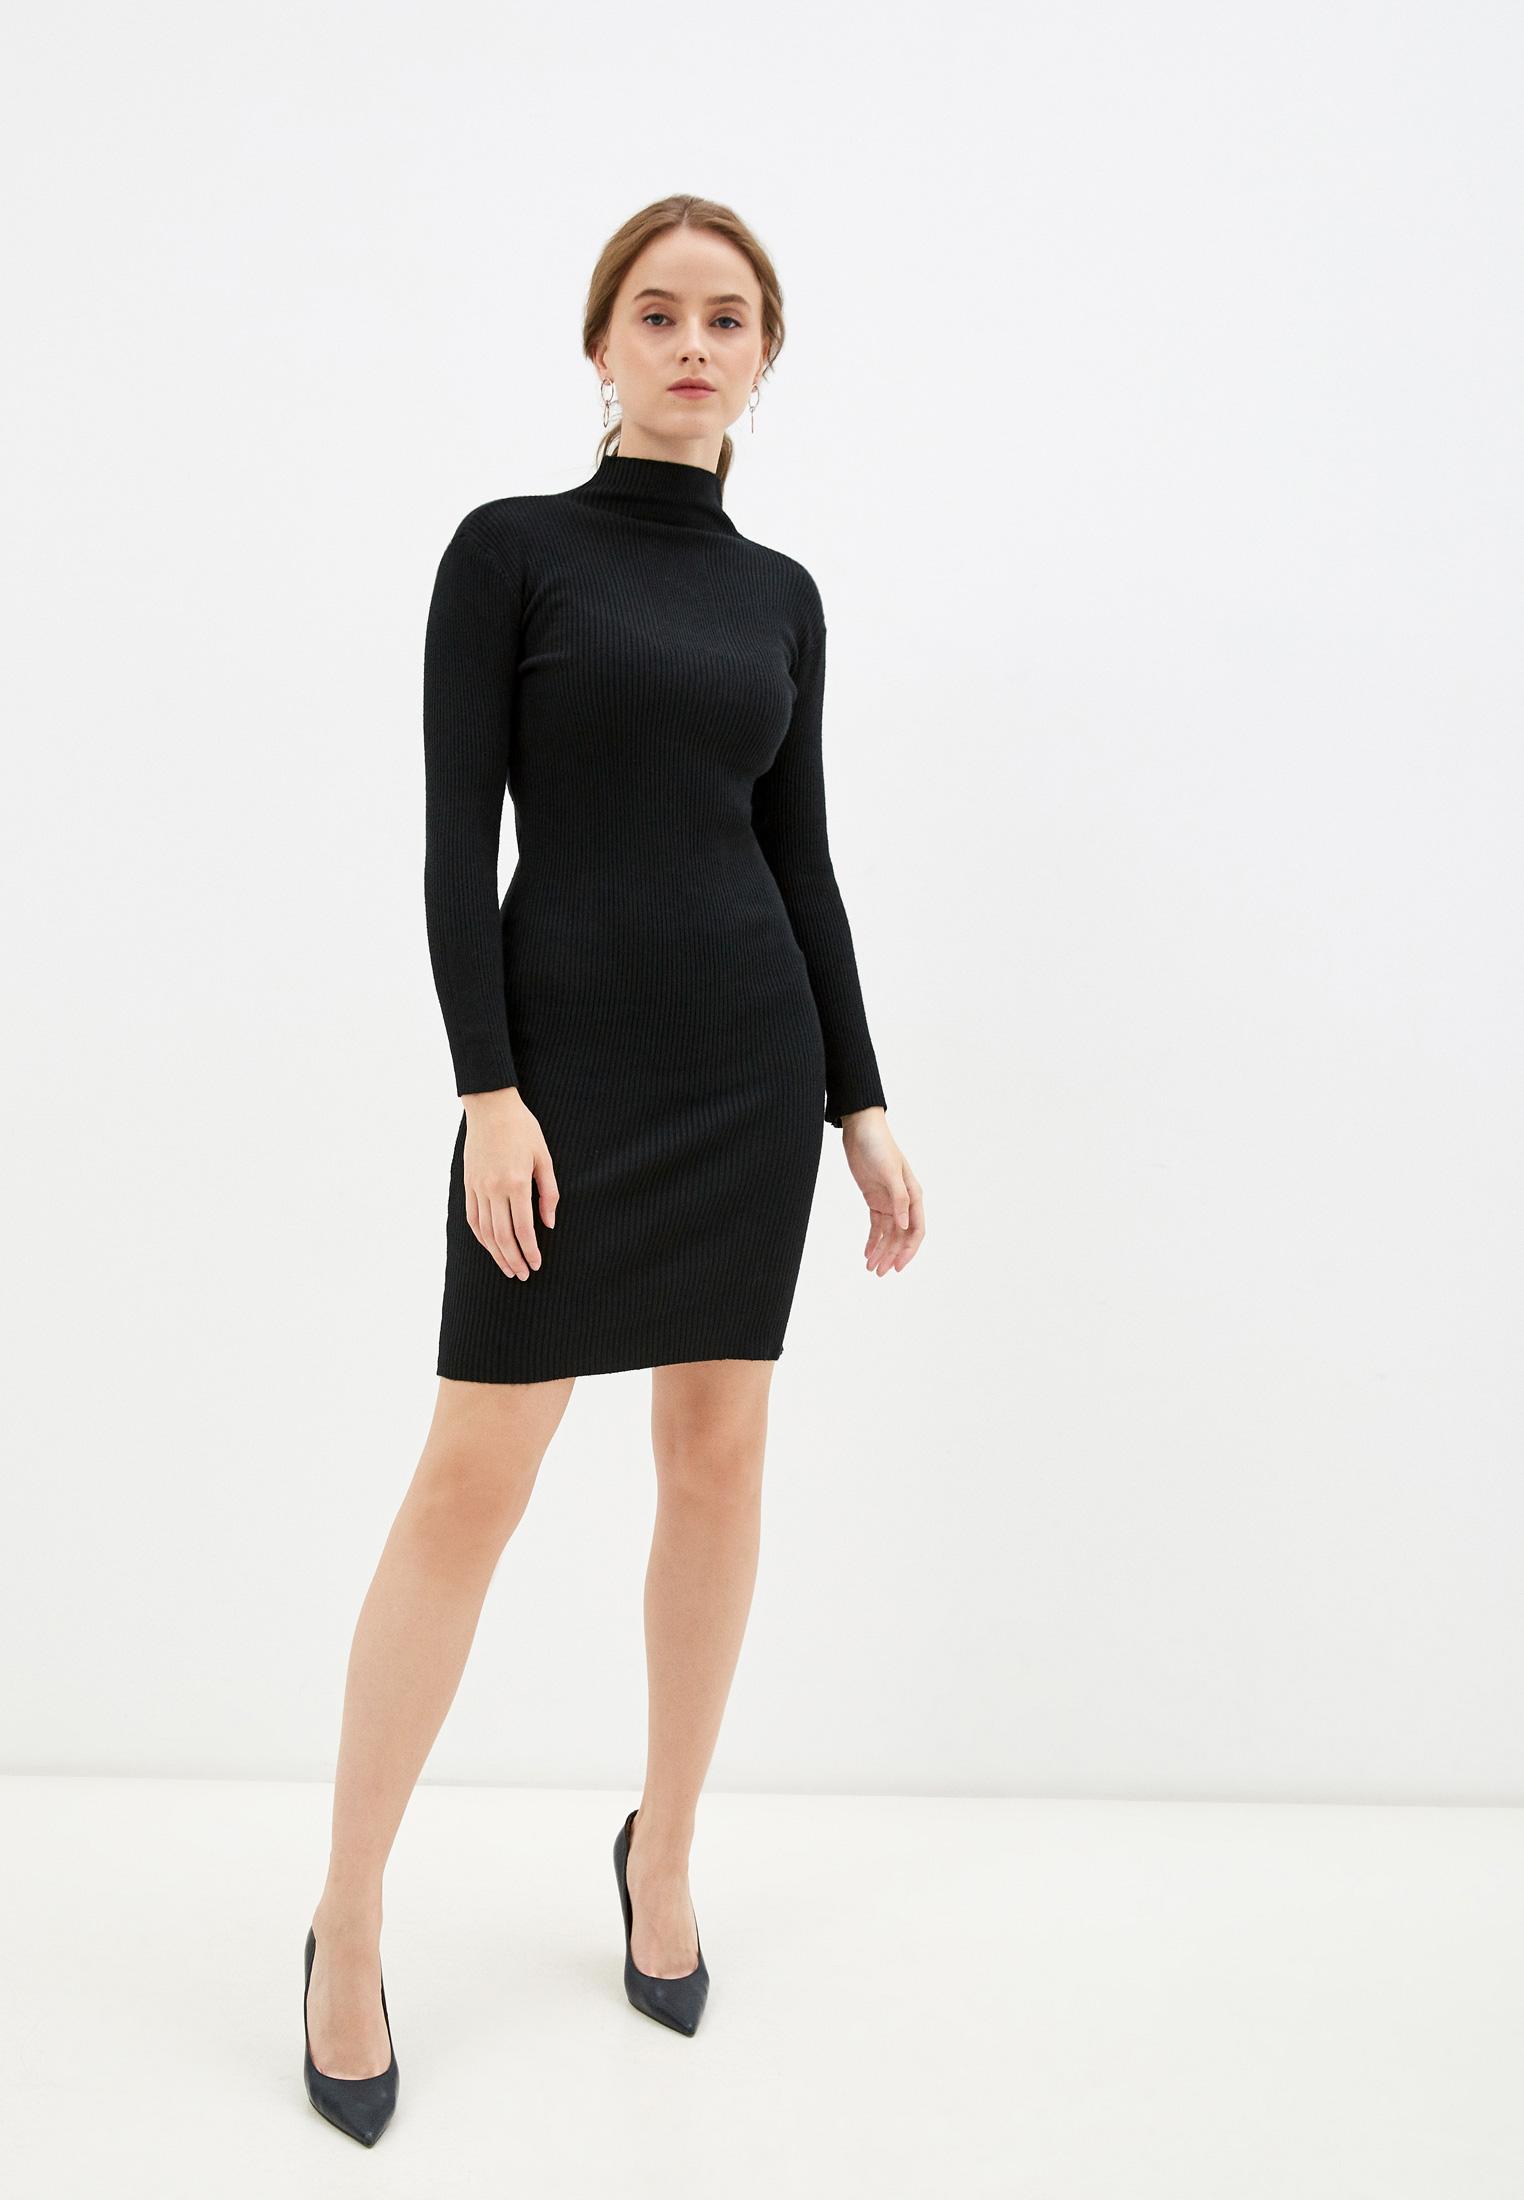 Вязаное платье Marselesa MAR2122-27-1